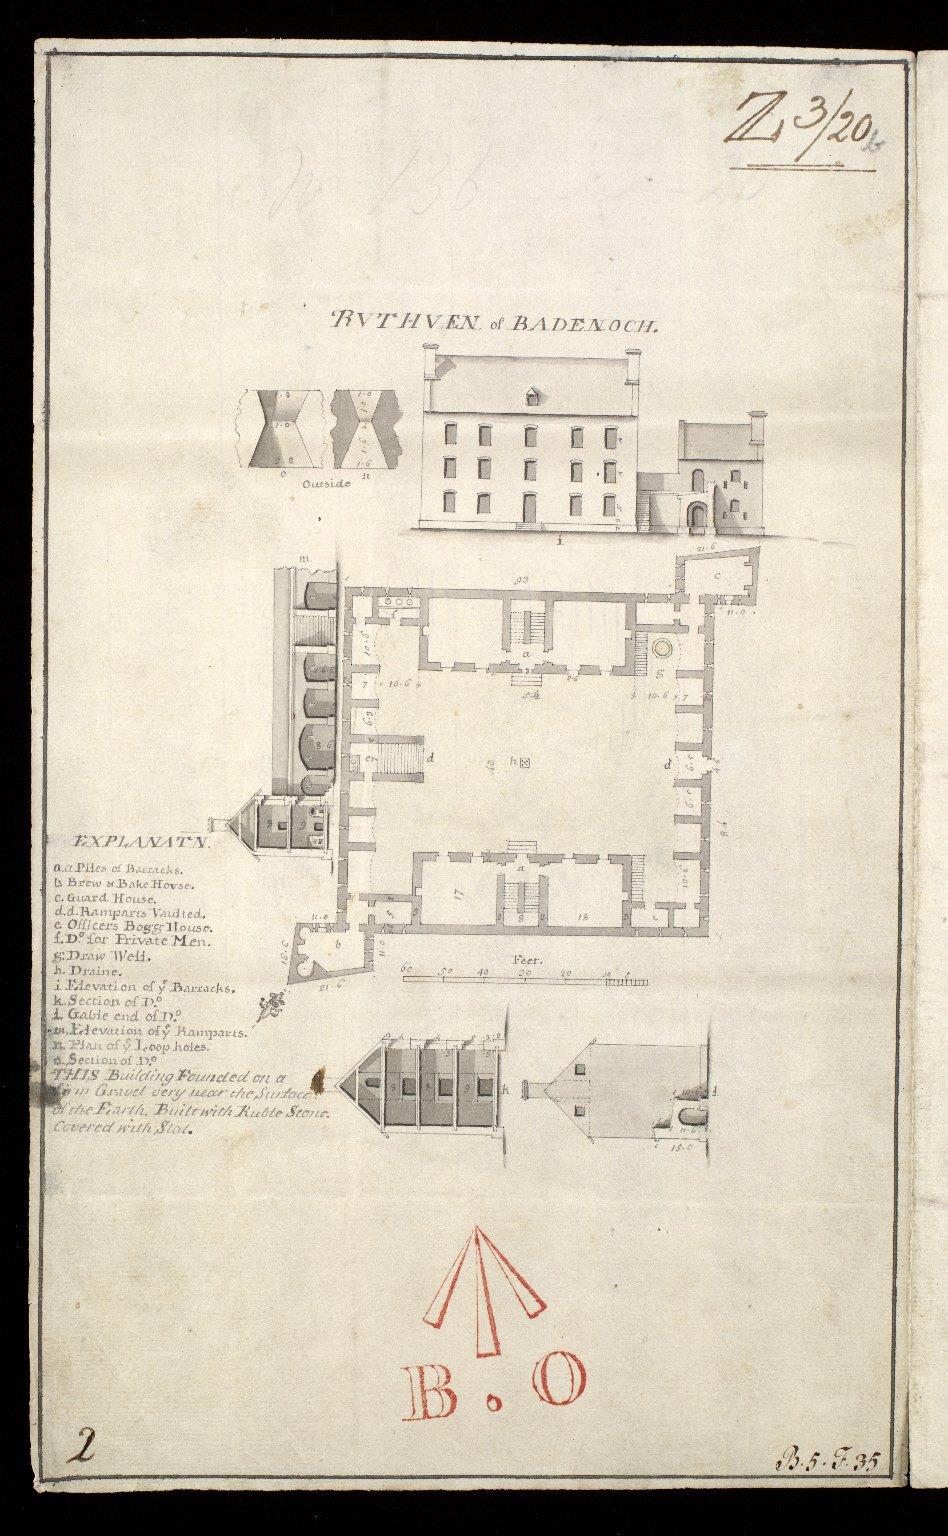 Ruthven of Badenoch [1 of 1]